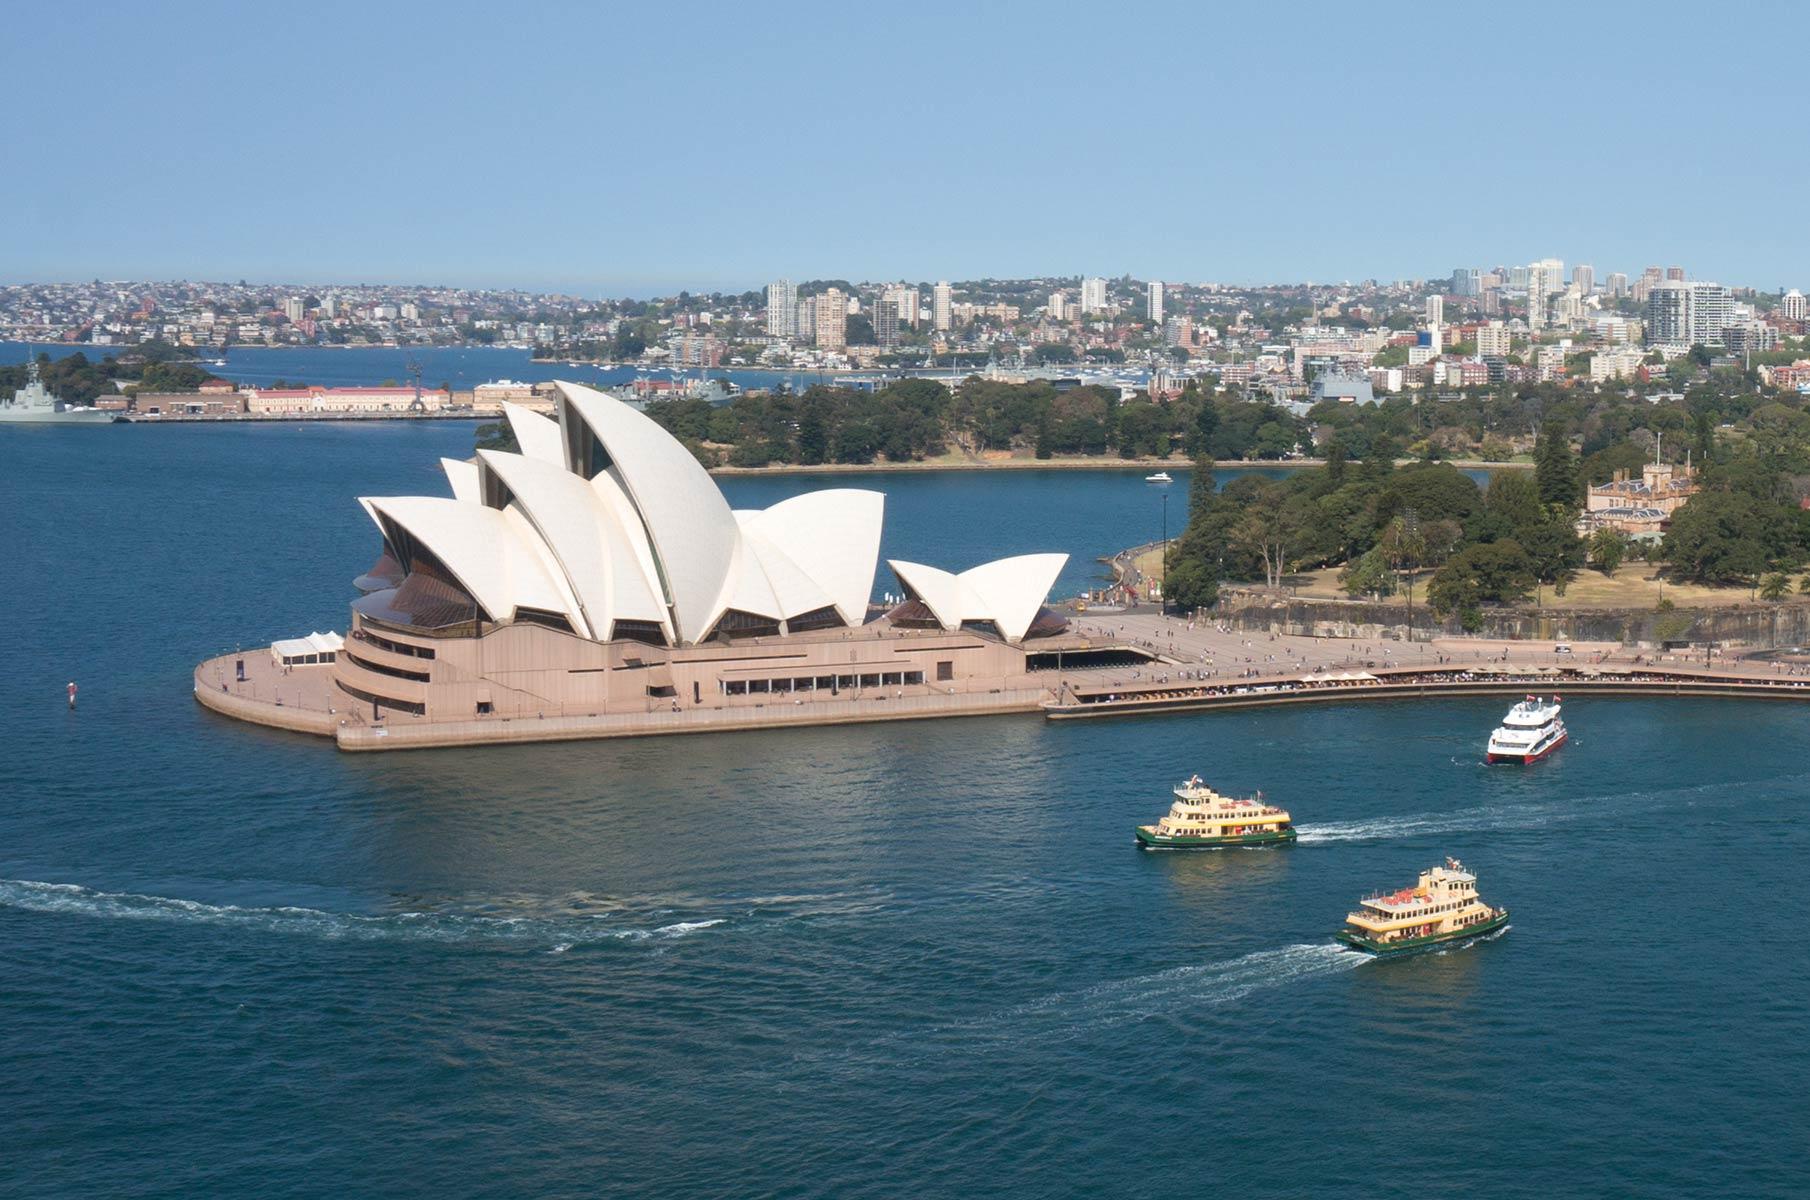 Blick vom Pylon Lookout auf der Harbour Bay Bridge auf das Sydney Opera House Opernhaus, Australien